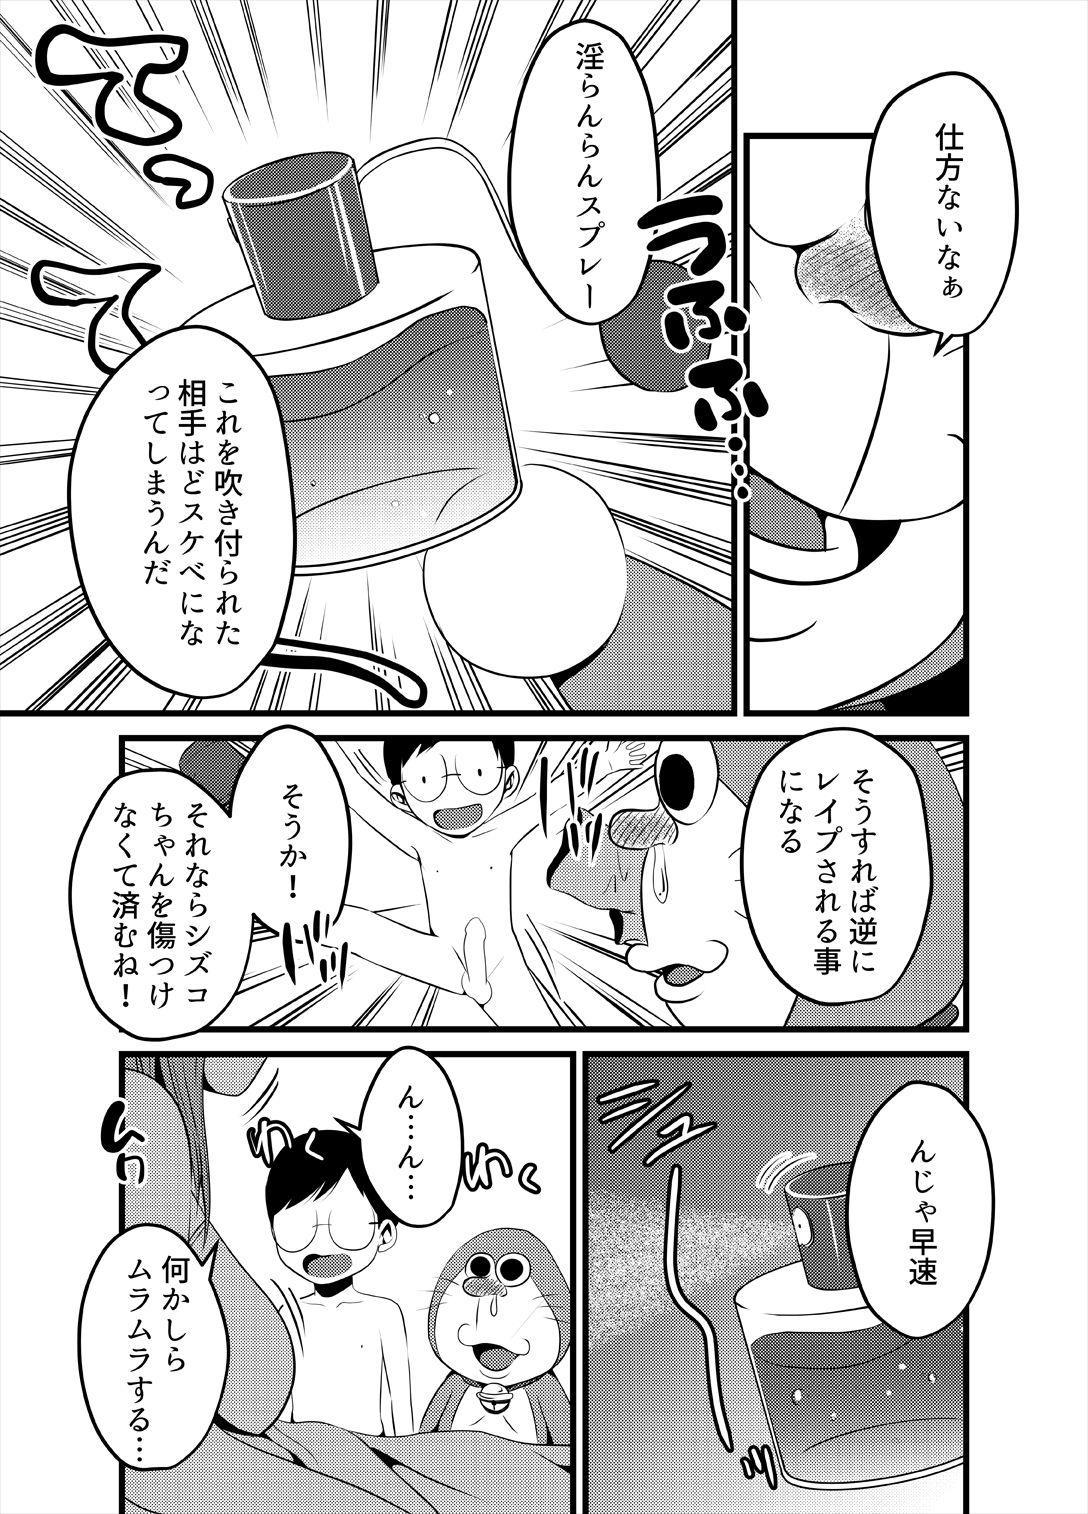 [Babymaker (Beco)] Gesuemon STAND-MY-D (Doraemon) [Digital] 5